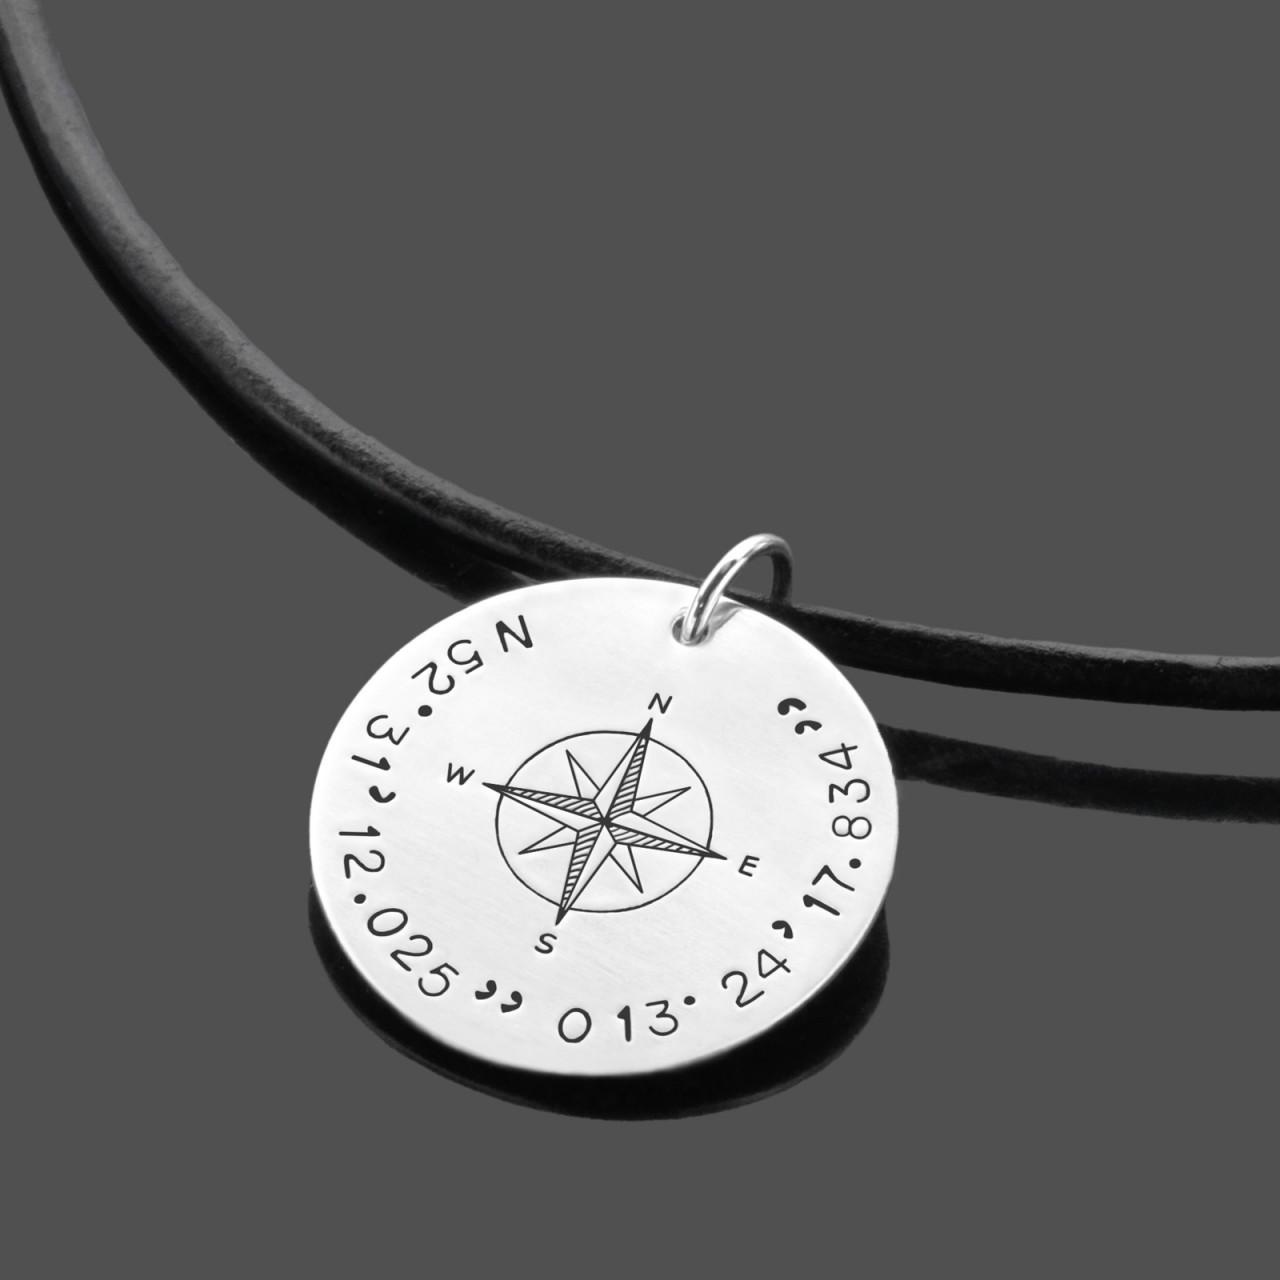 Herrenkette mit Koordinaten und Kompass aus Leder und Silber